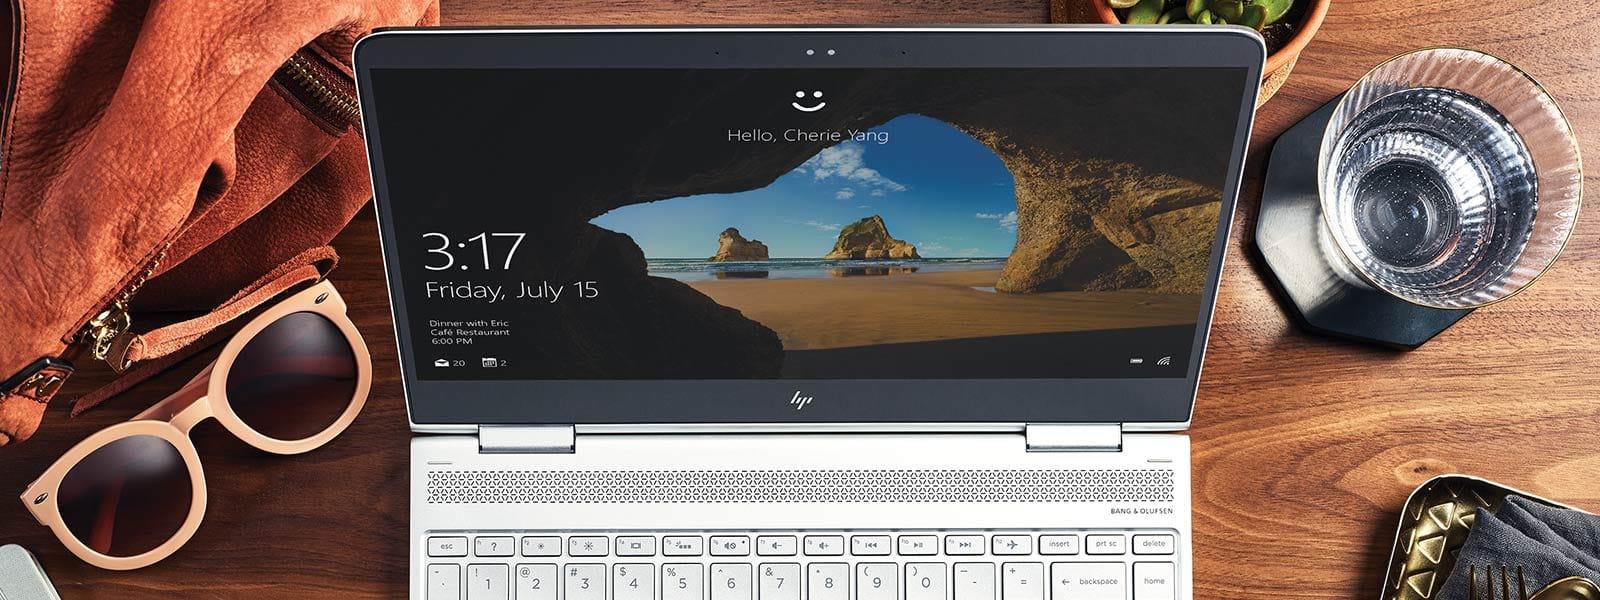 Pantalla Inicio de Windows10 en un dispositivo moderno.